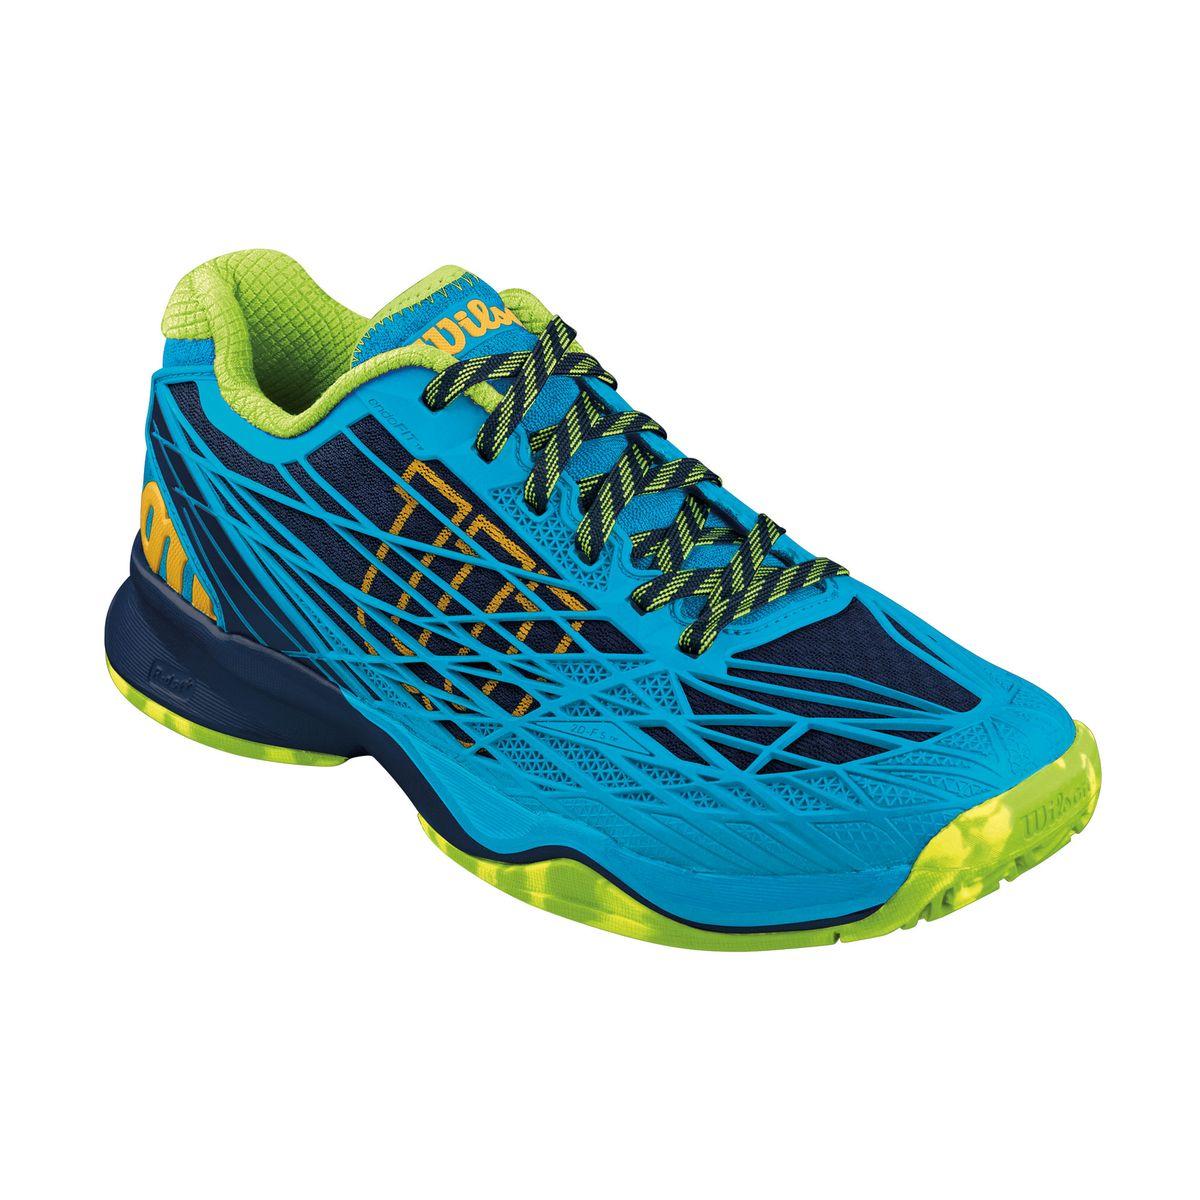 Кроссовки для тенниса муж. KAOS. WRS321210WRS321210Продукт года. Серия KAOS - это стильный дизайн. Легкий вес. Обеспечение комфорта на самых быстрых скоростях в современном теннисе.